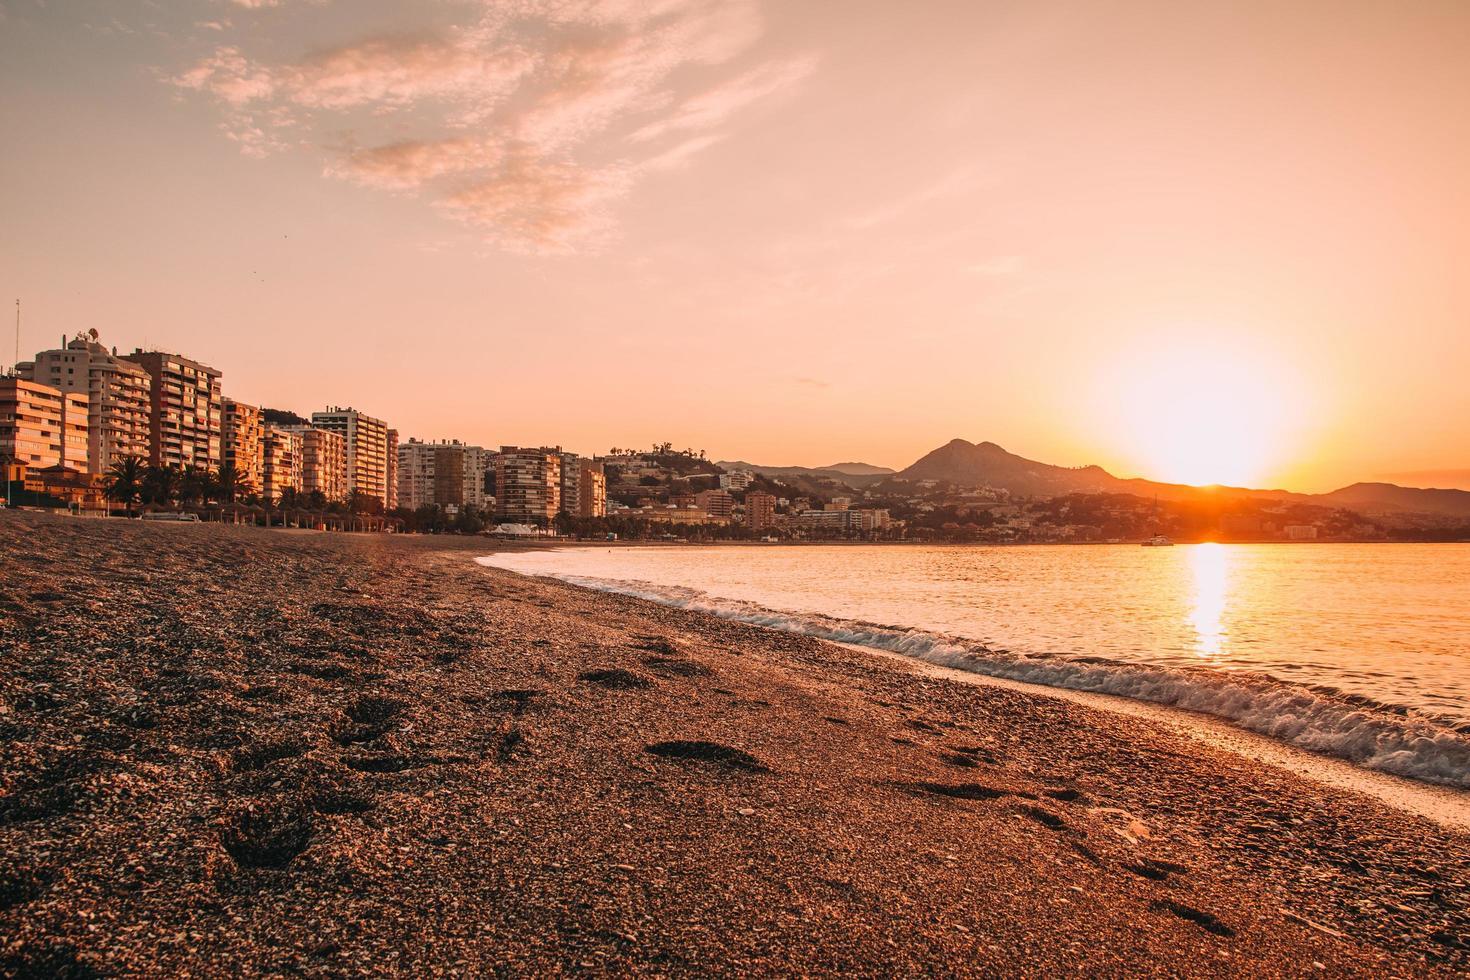 uitzicht over de stad in de buurt van strand bij zonsondergang foto